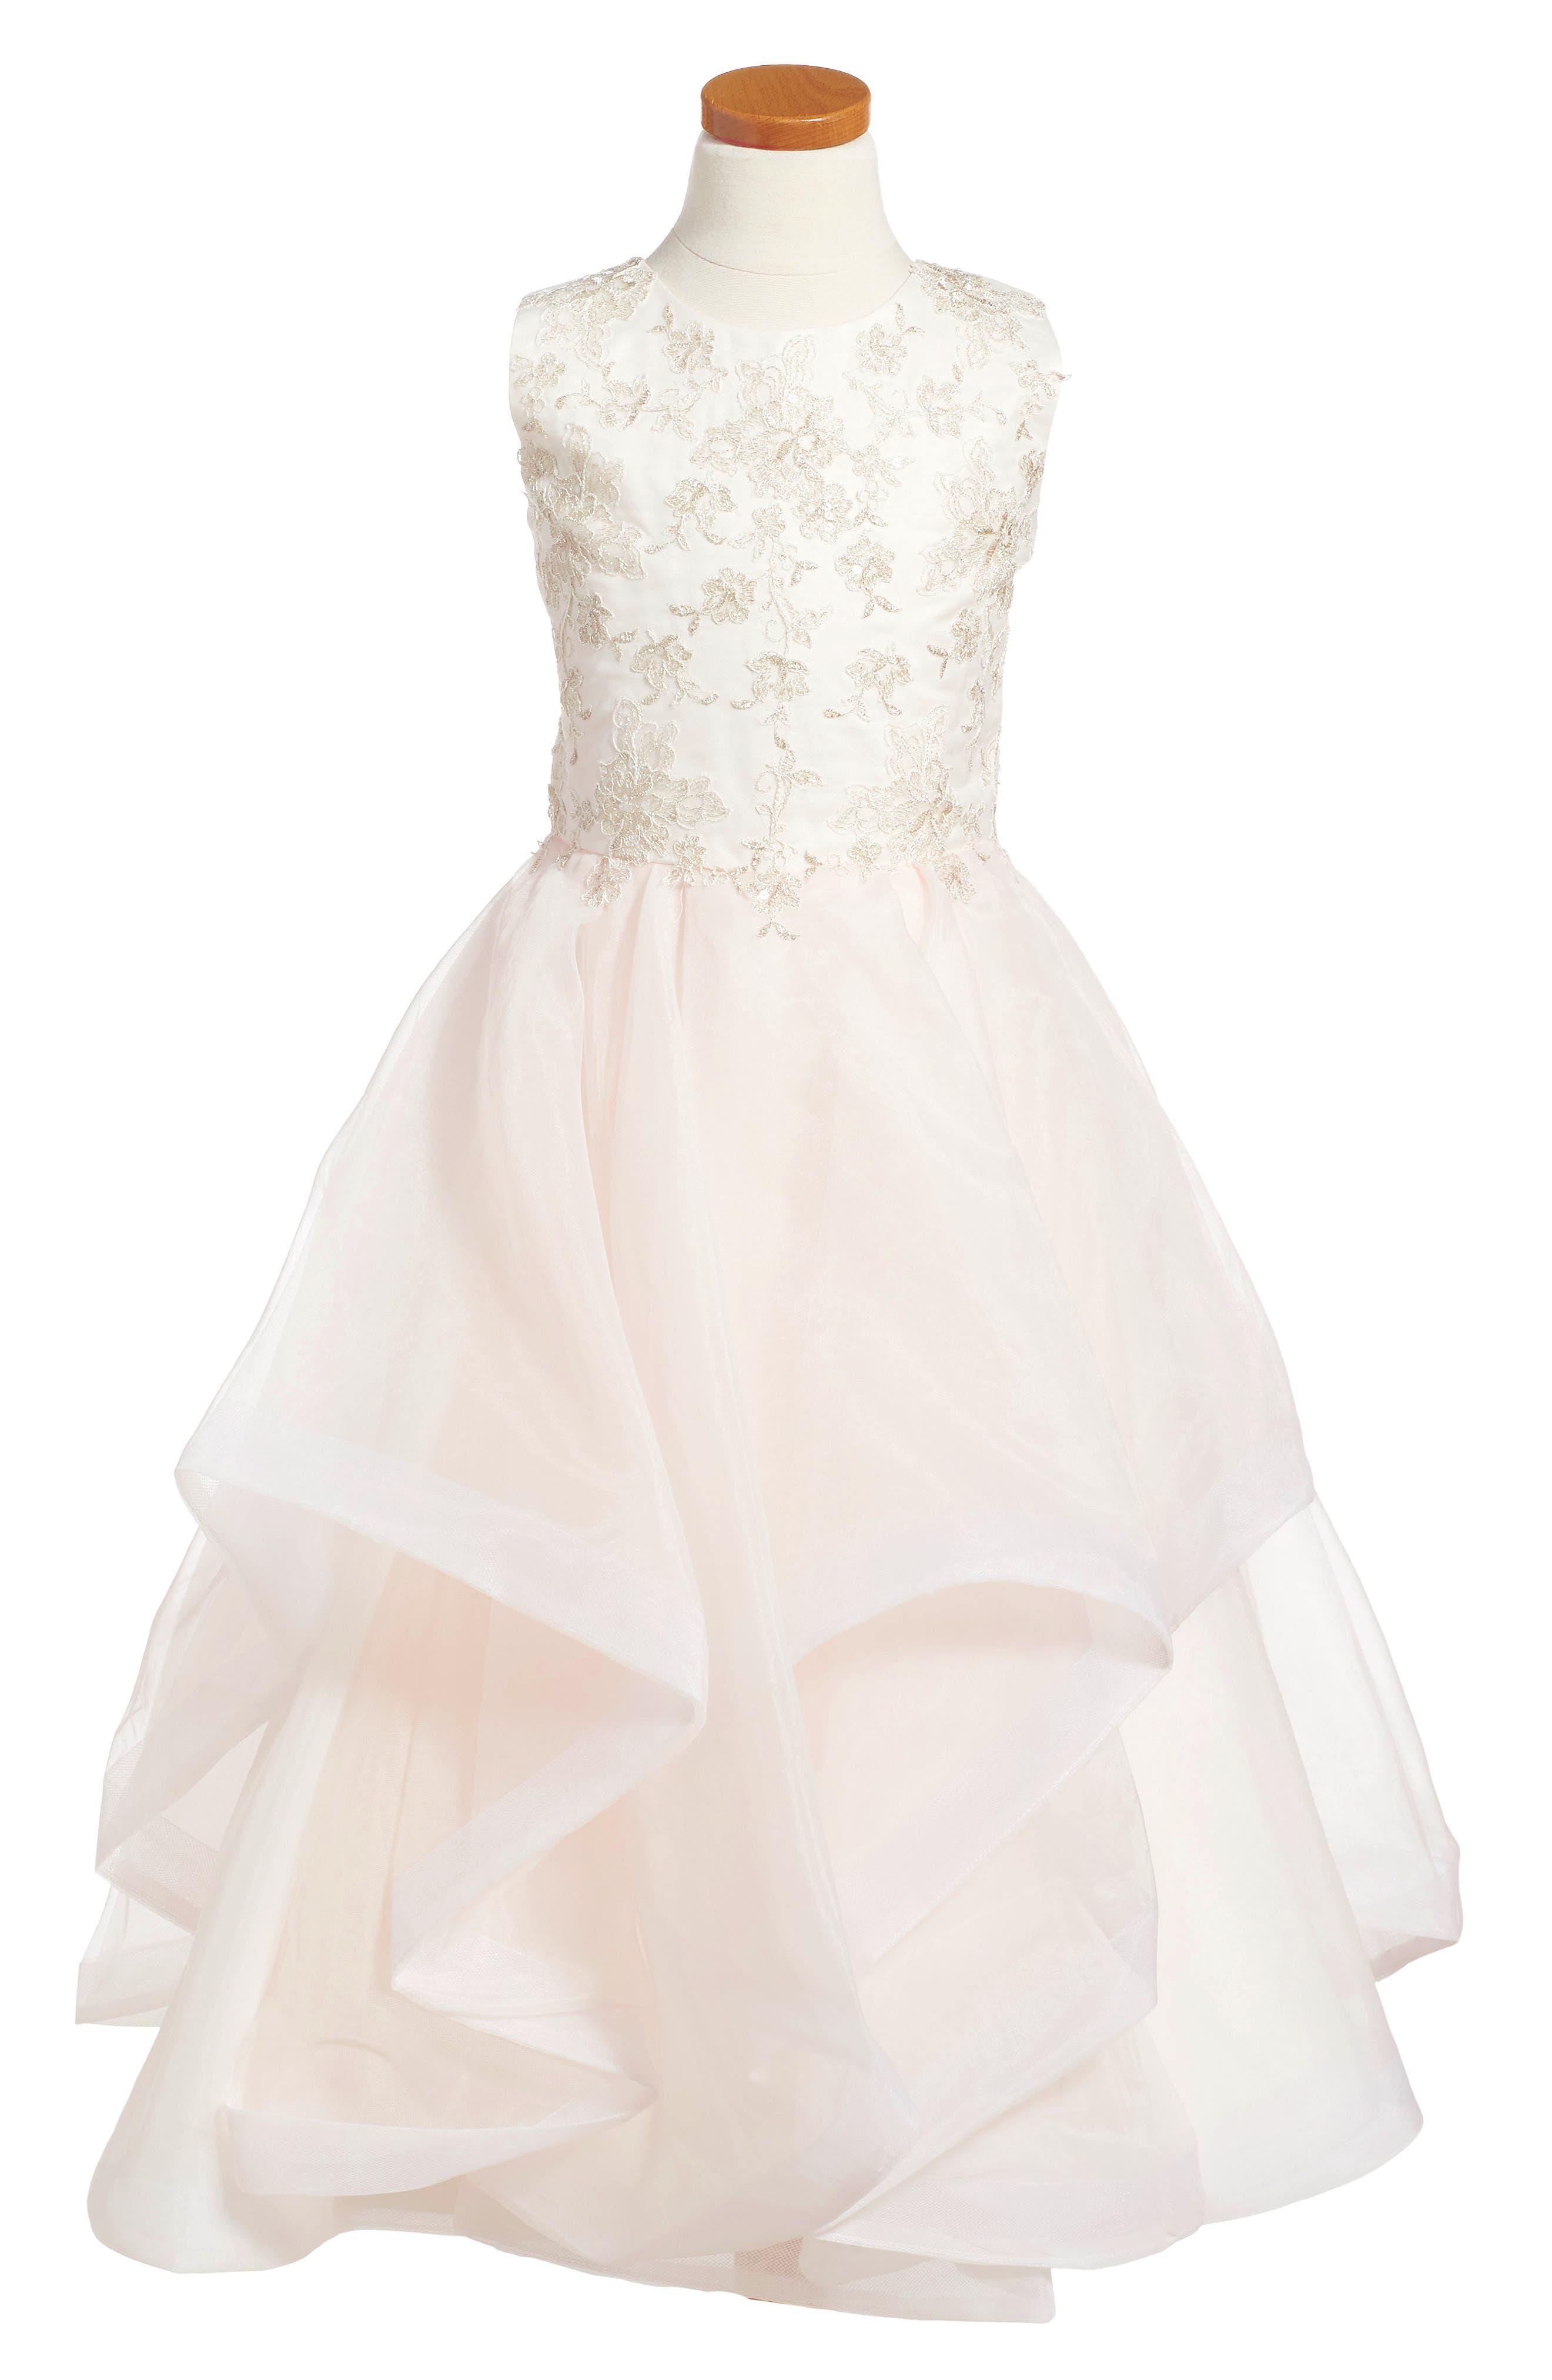 Tulle & Organza Dress,                             Main thumbnail 1, color,                             900